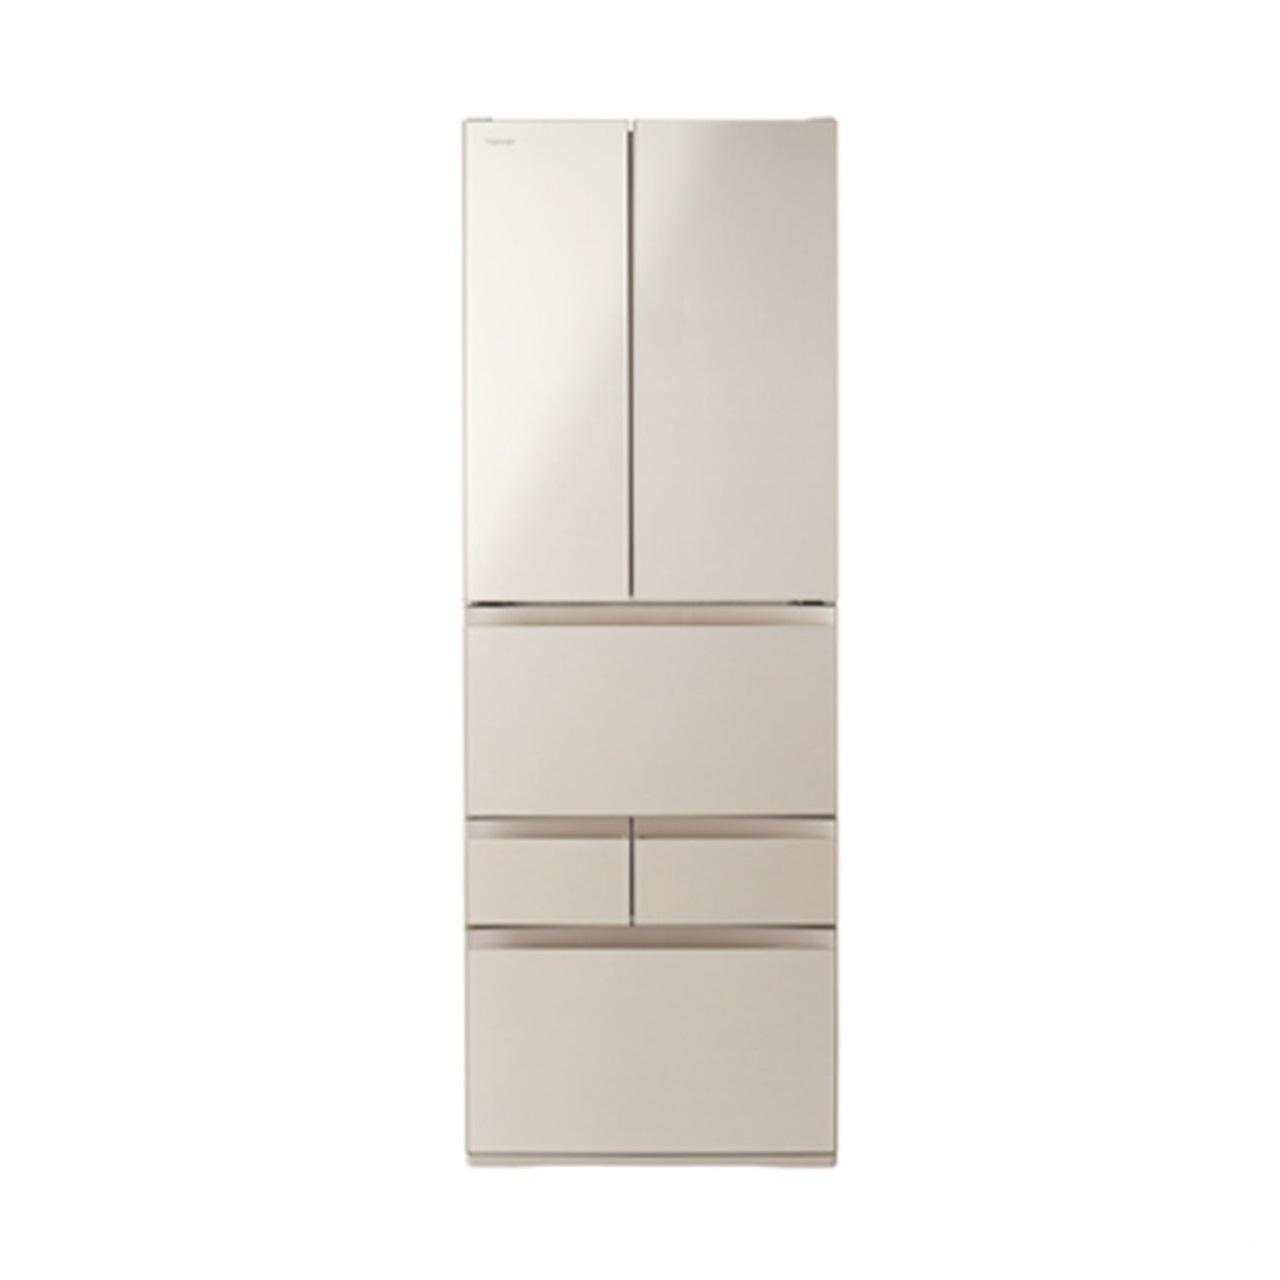 東芝GR-R510FH冷蔵庫